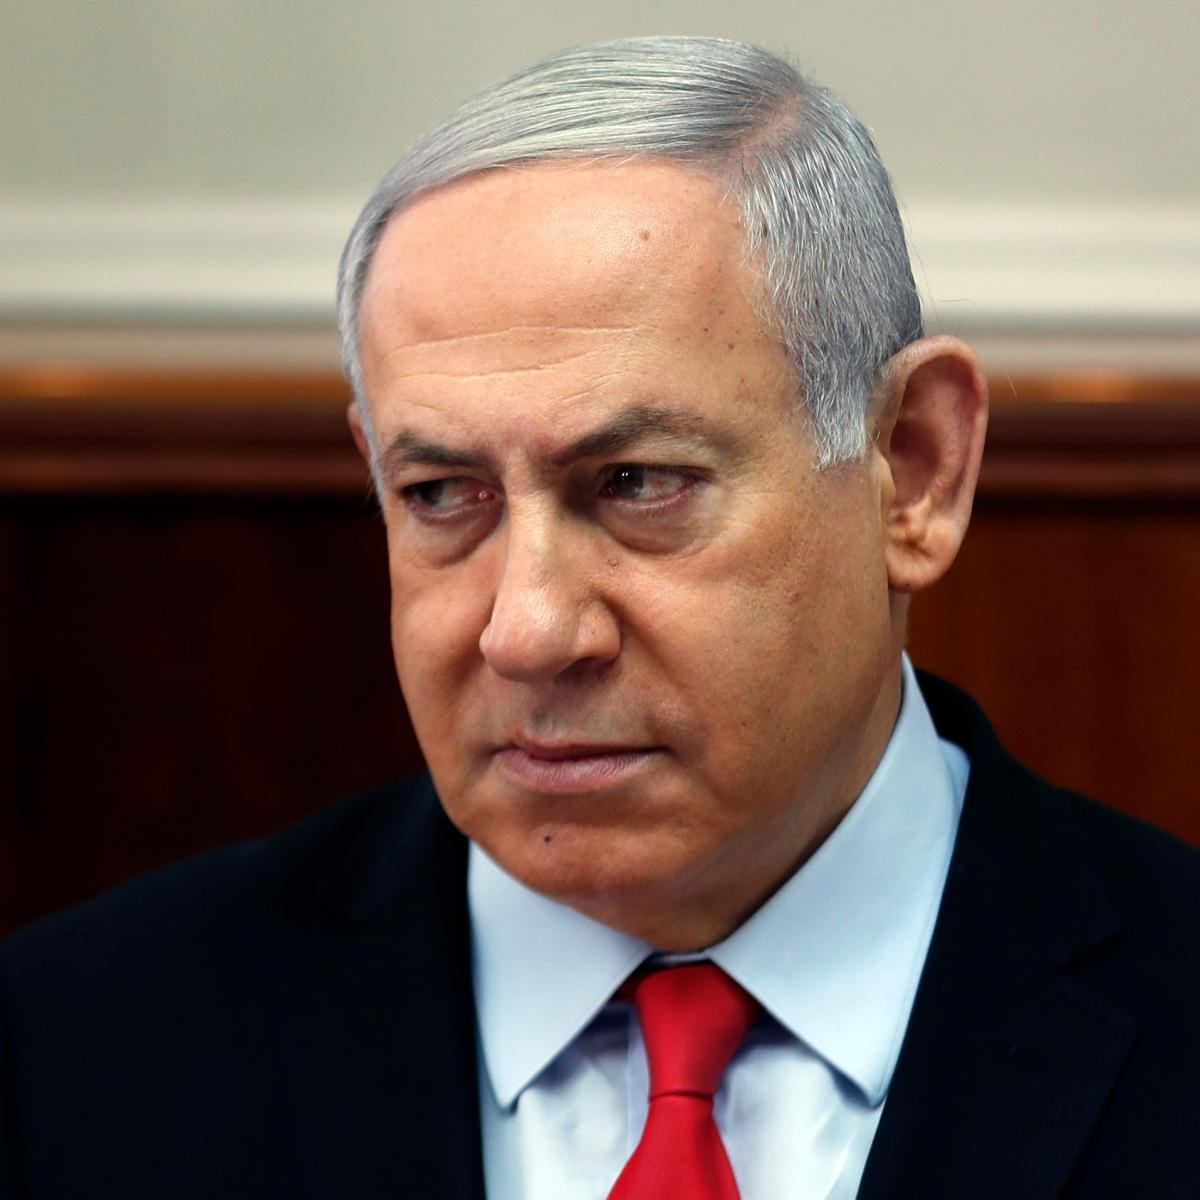 Benjamin Netanyahu warns Islamic Jihadis 'stop these attacks or absorb more blows'